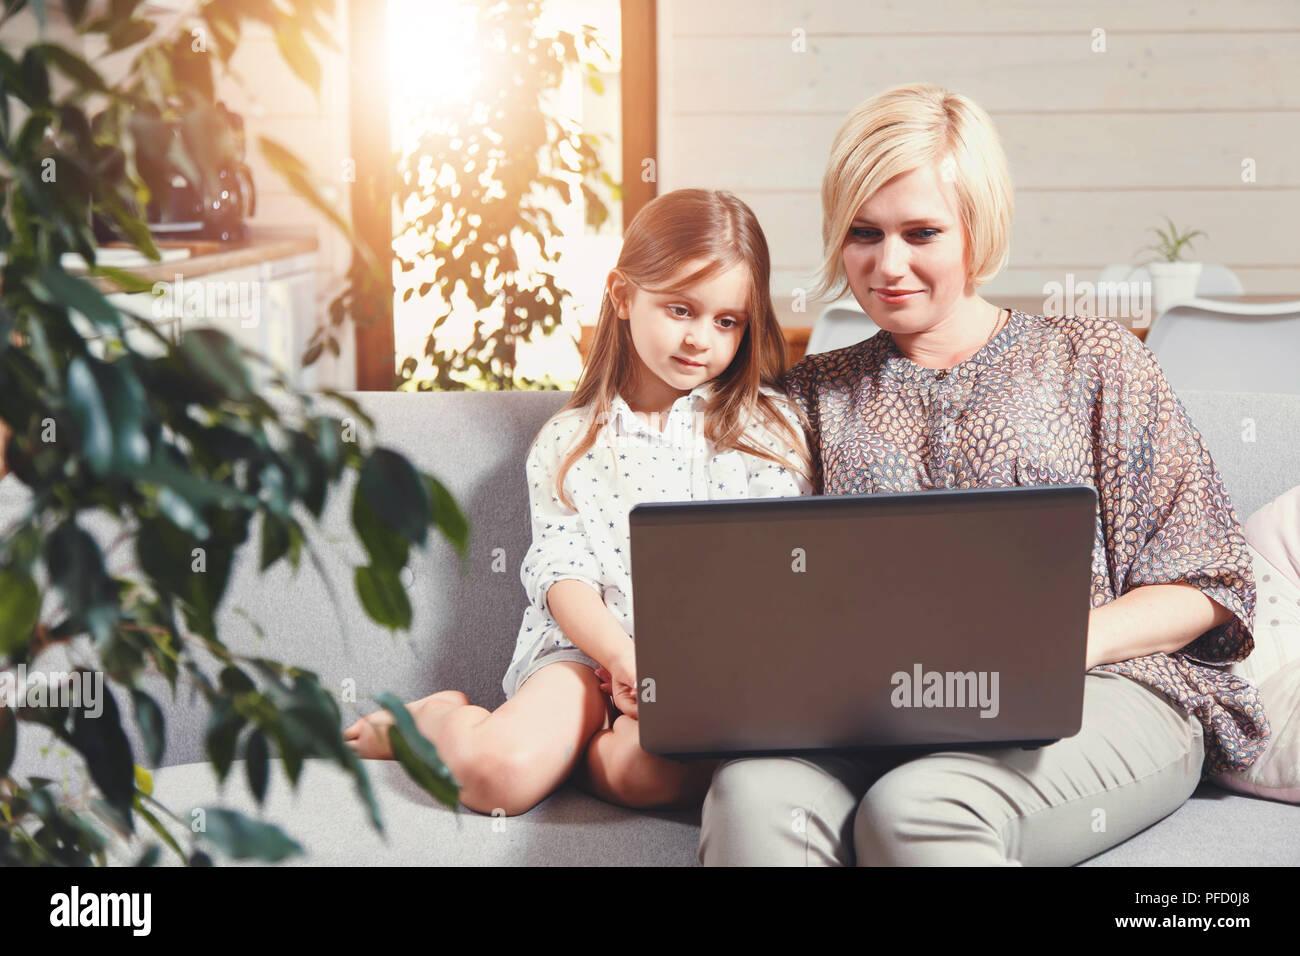 Jolie Blonde Mère Et Mignonne Petite Fille Brune Assise Sur